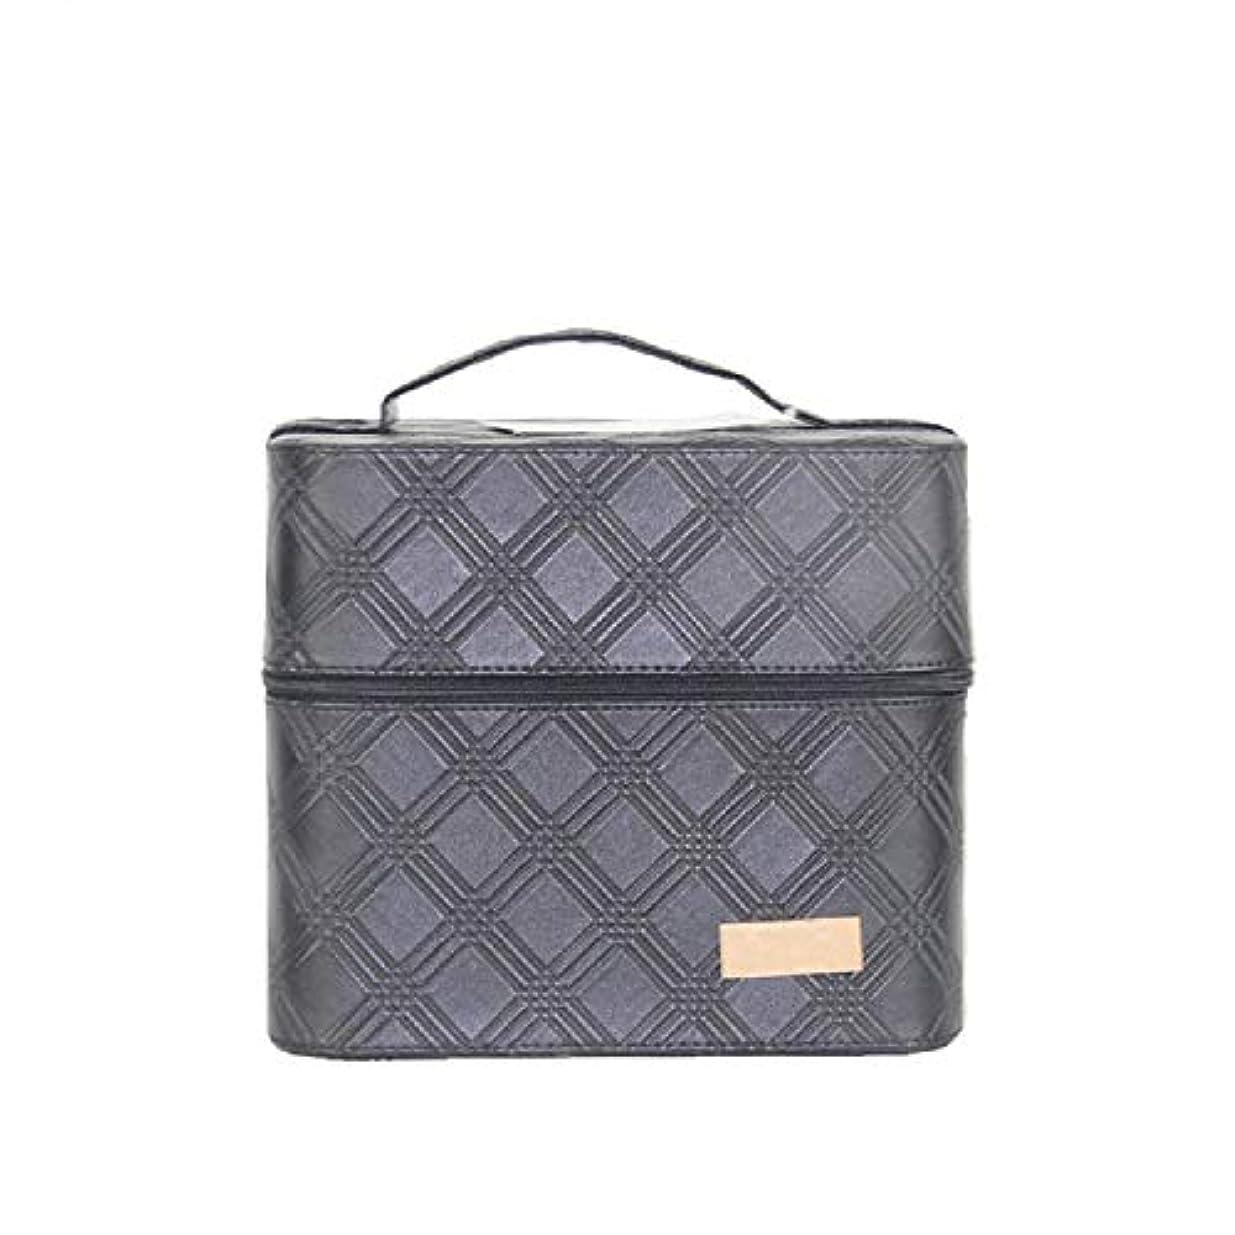 熟達した水銀の火山化粧オーガナイザーバッグ ジッパーと2つのトレイで小さなものの種類の旅行のための美容メイクアップのための黒のポータブル化粧品バッグ 化粧品ケース